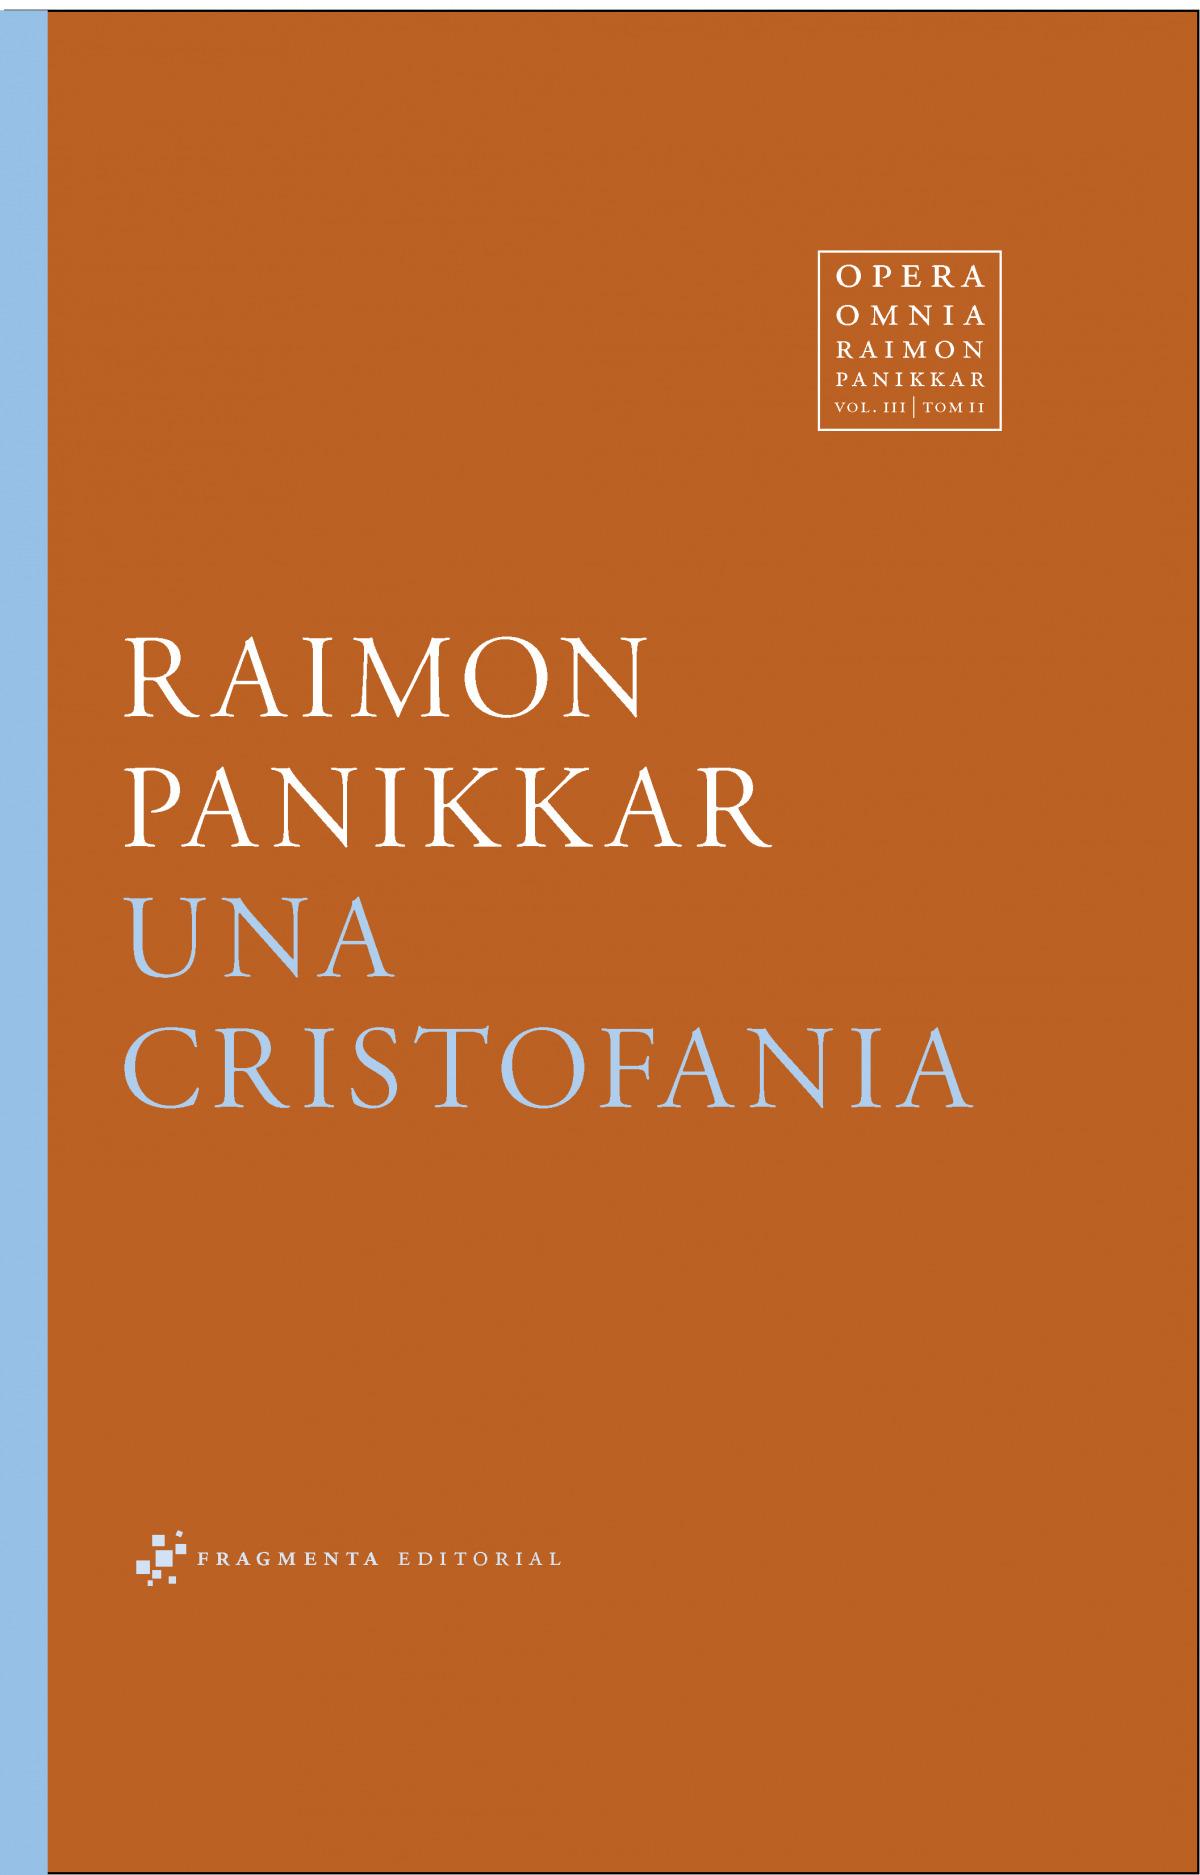 Una cristofania